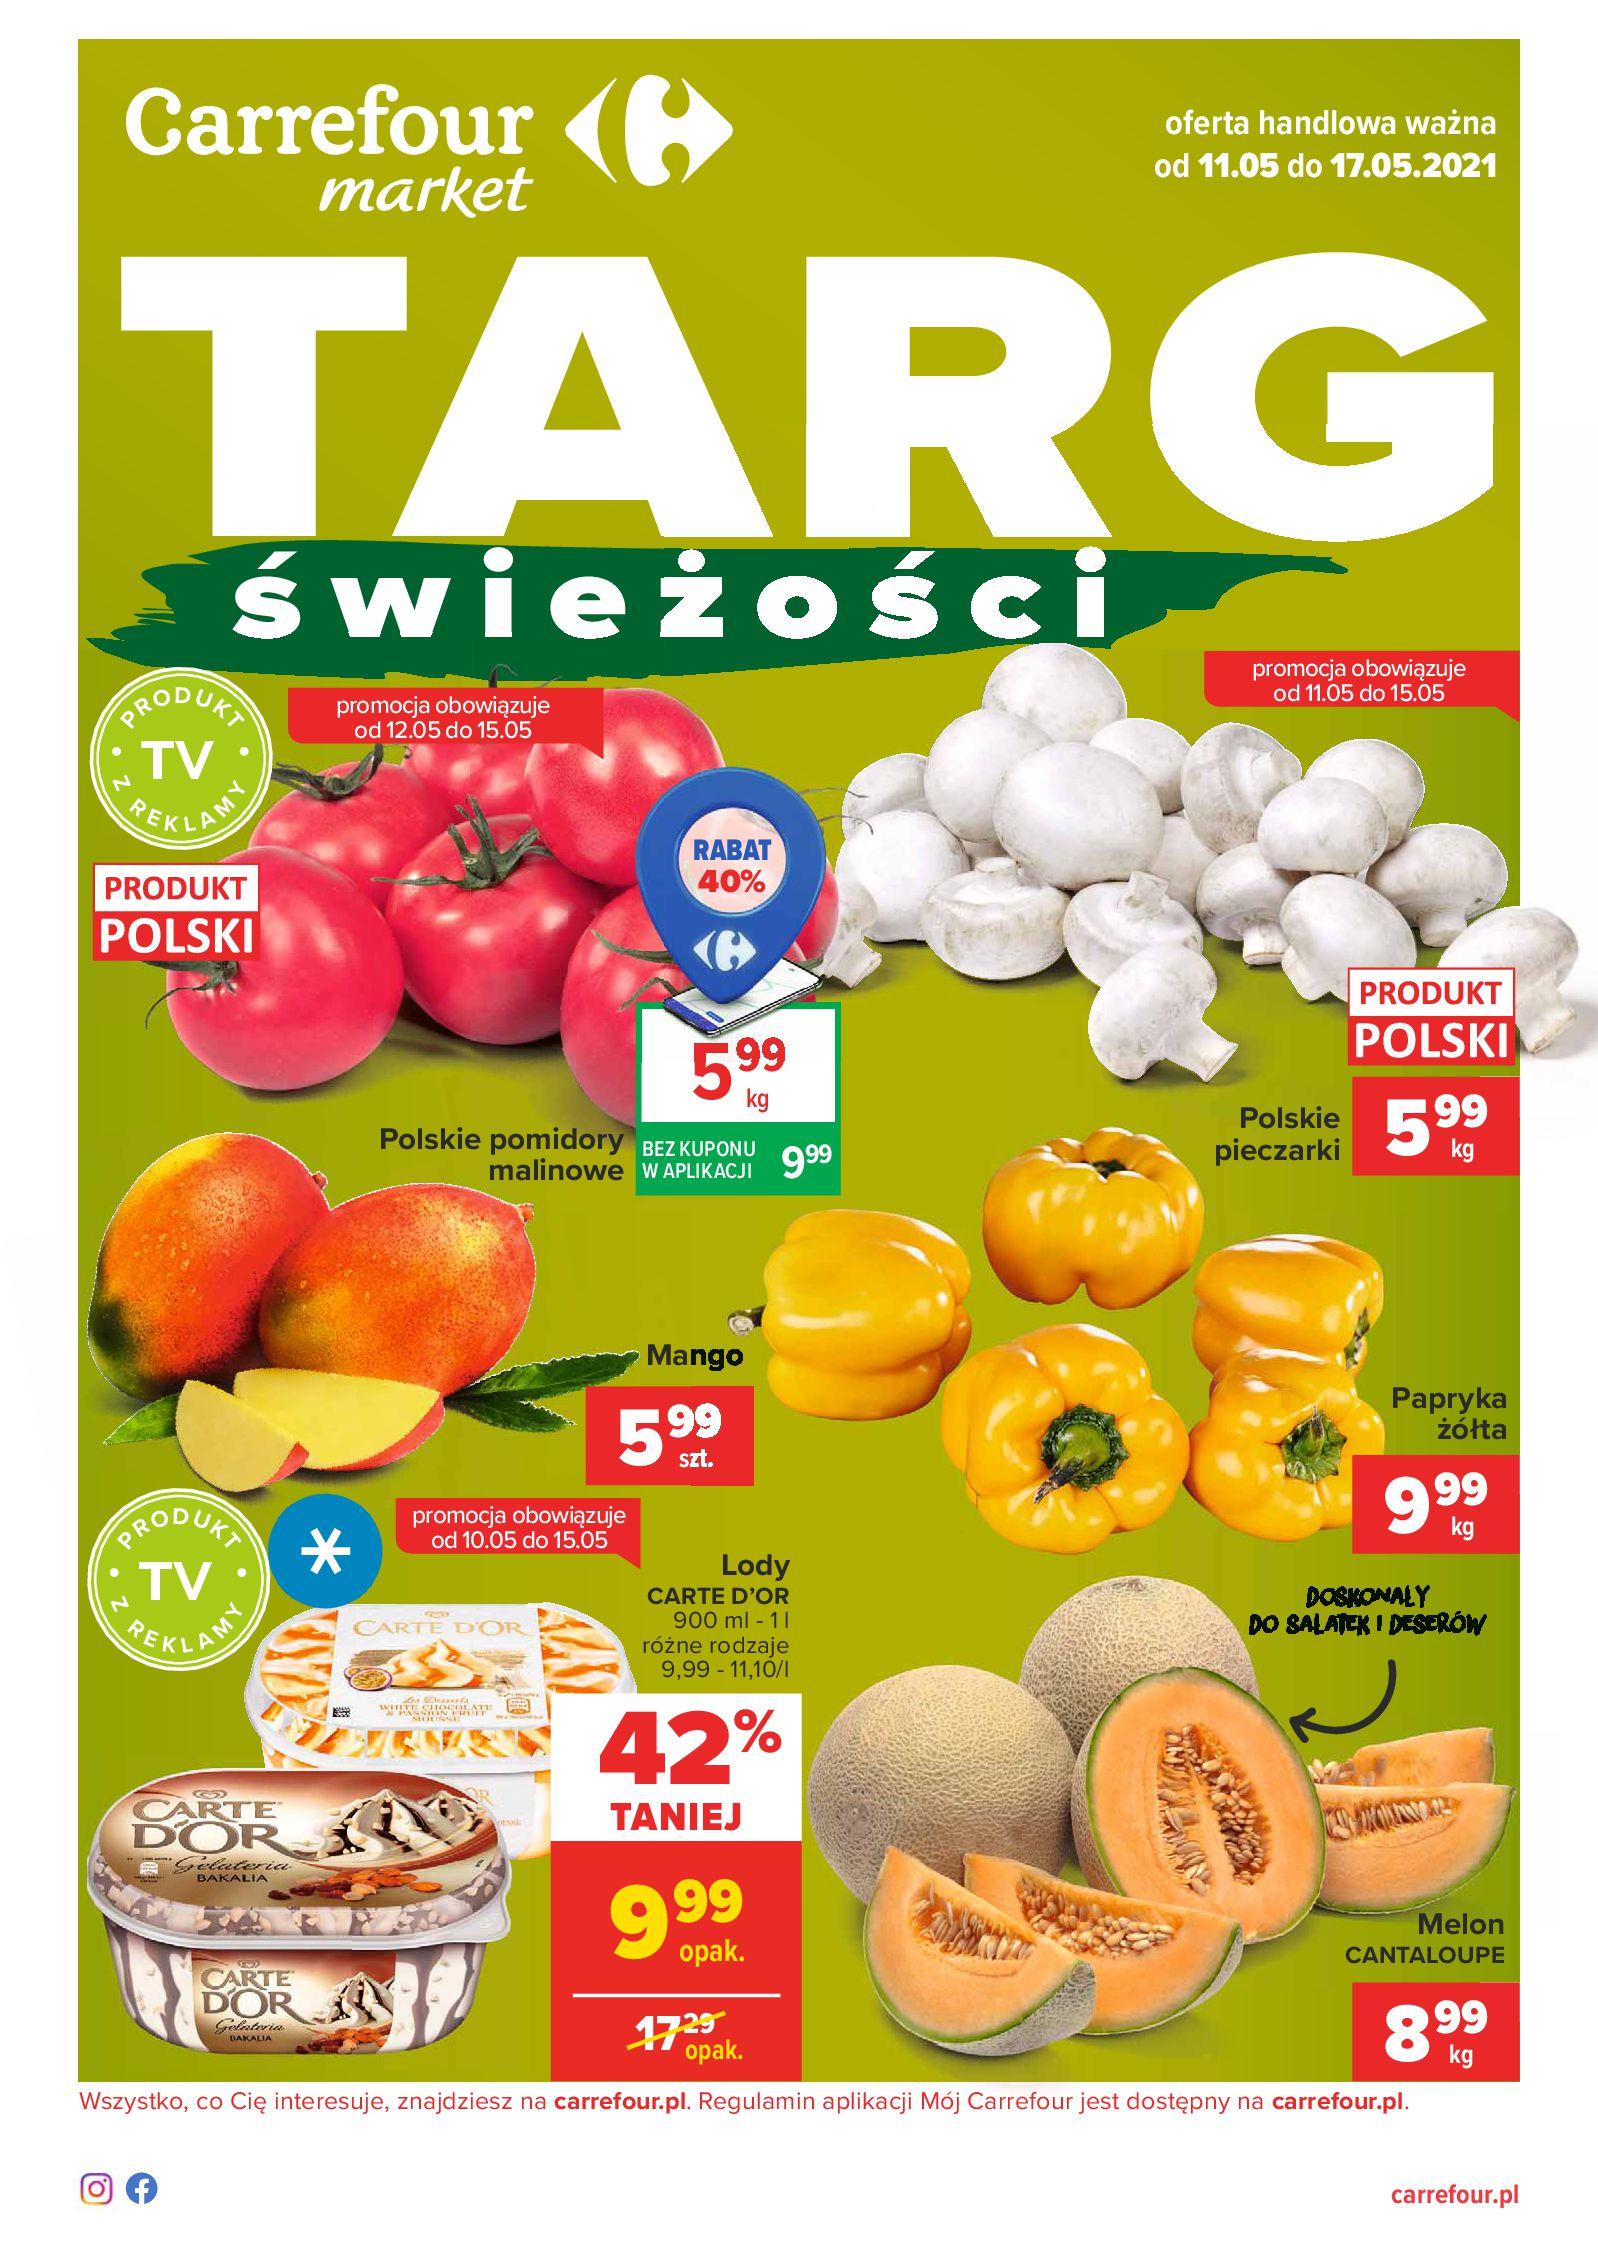 Carrefour Market:  Gazetka Carrefour Market -  Targ świeżości 10.05.2021